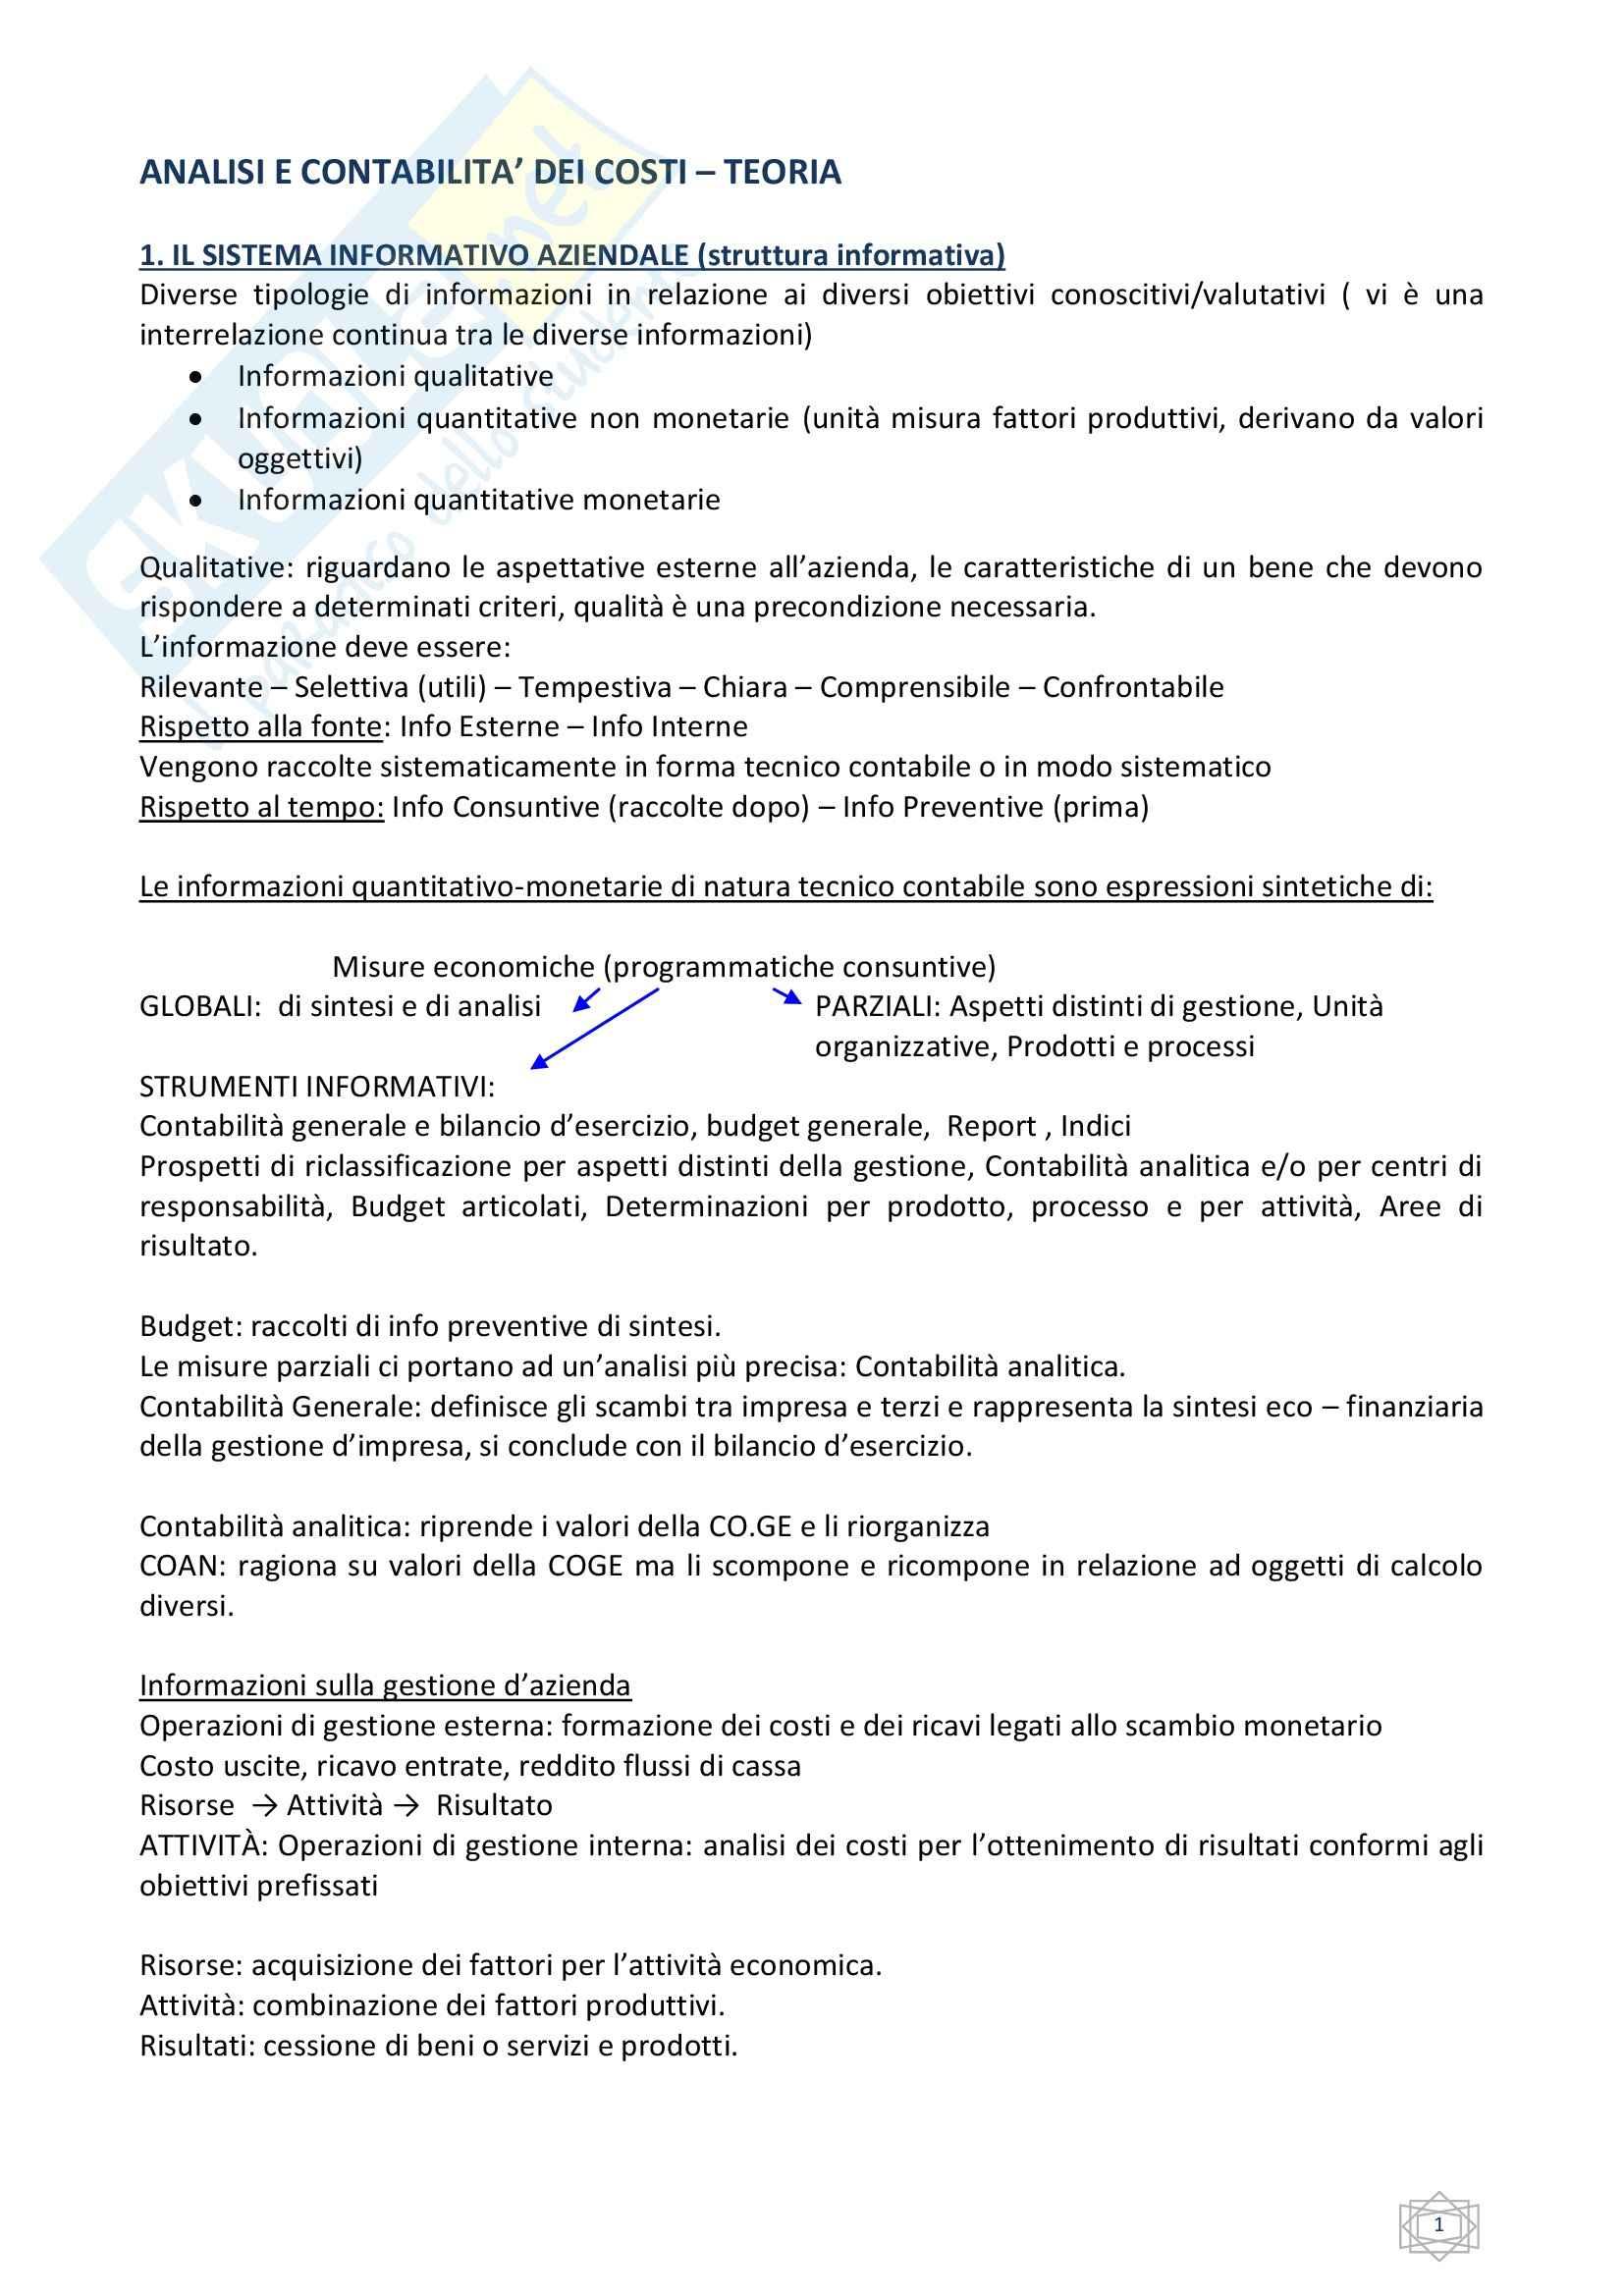 Esercitazioni e teoria: Appunti di Analisi e Contabilità Conti